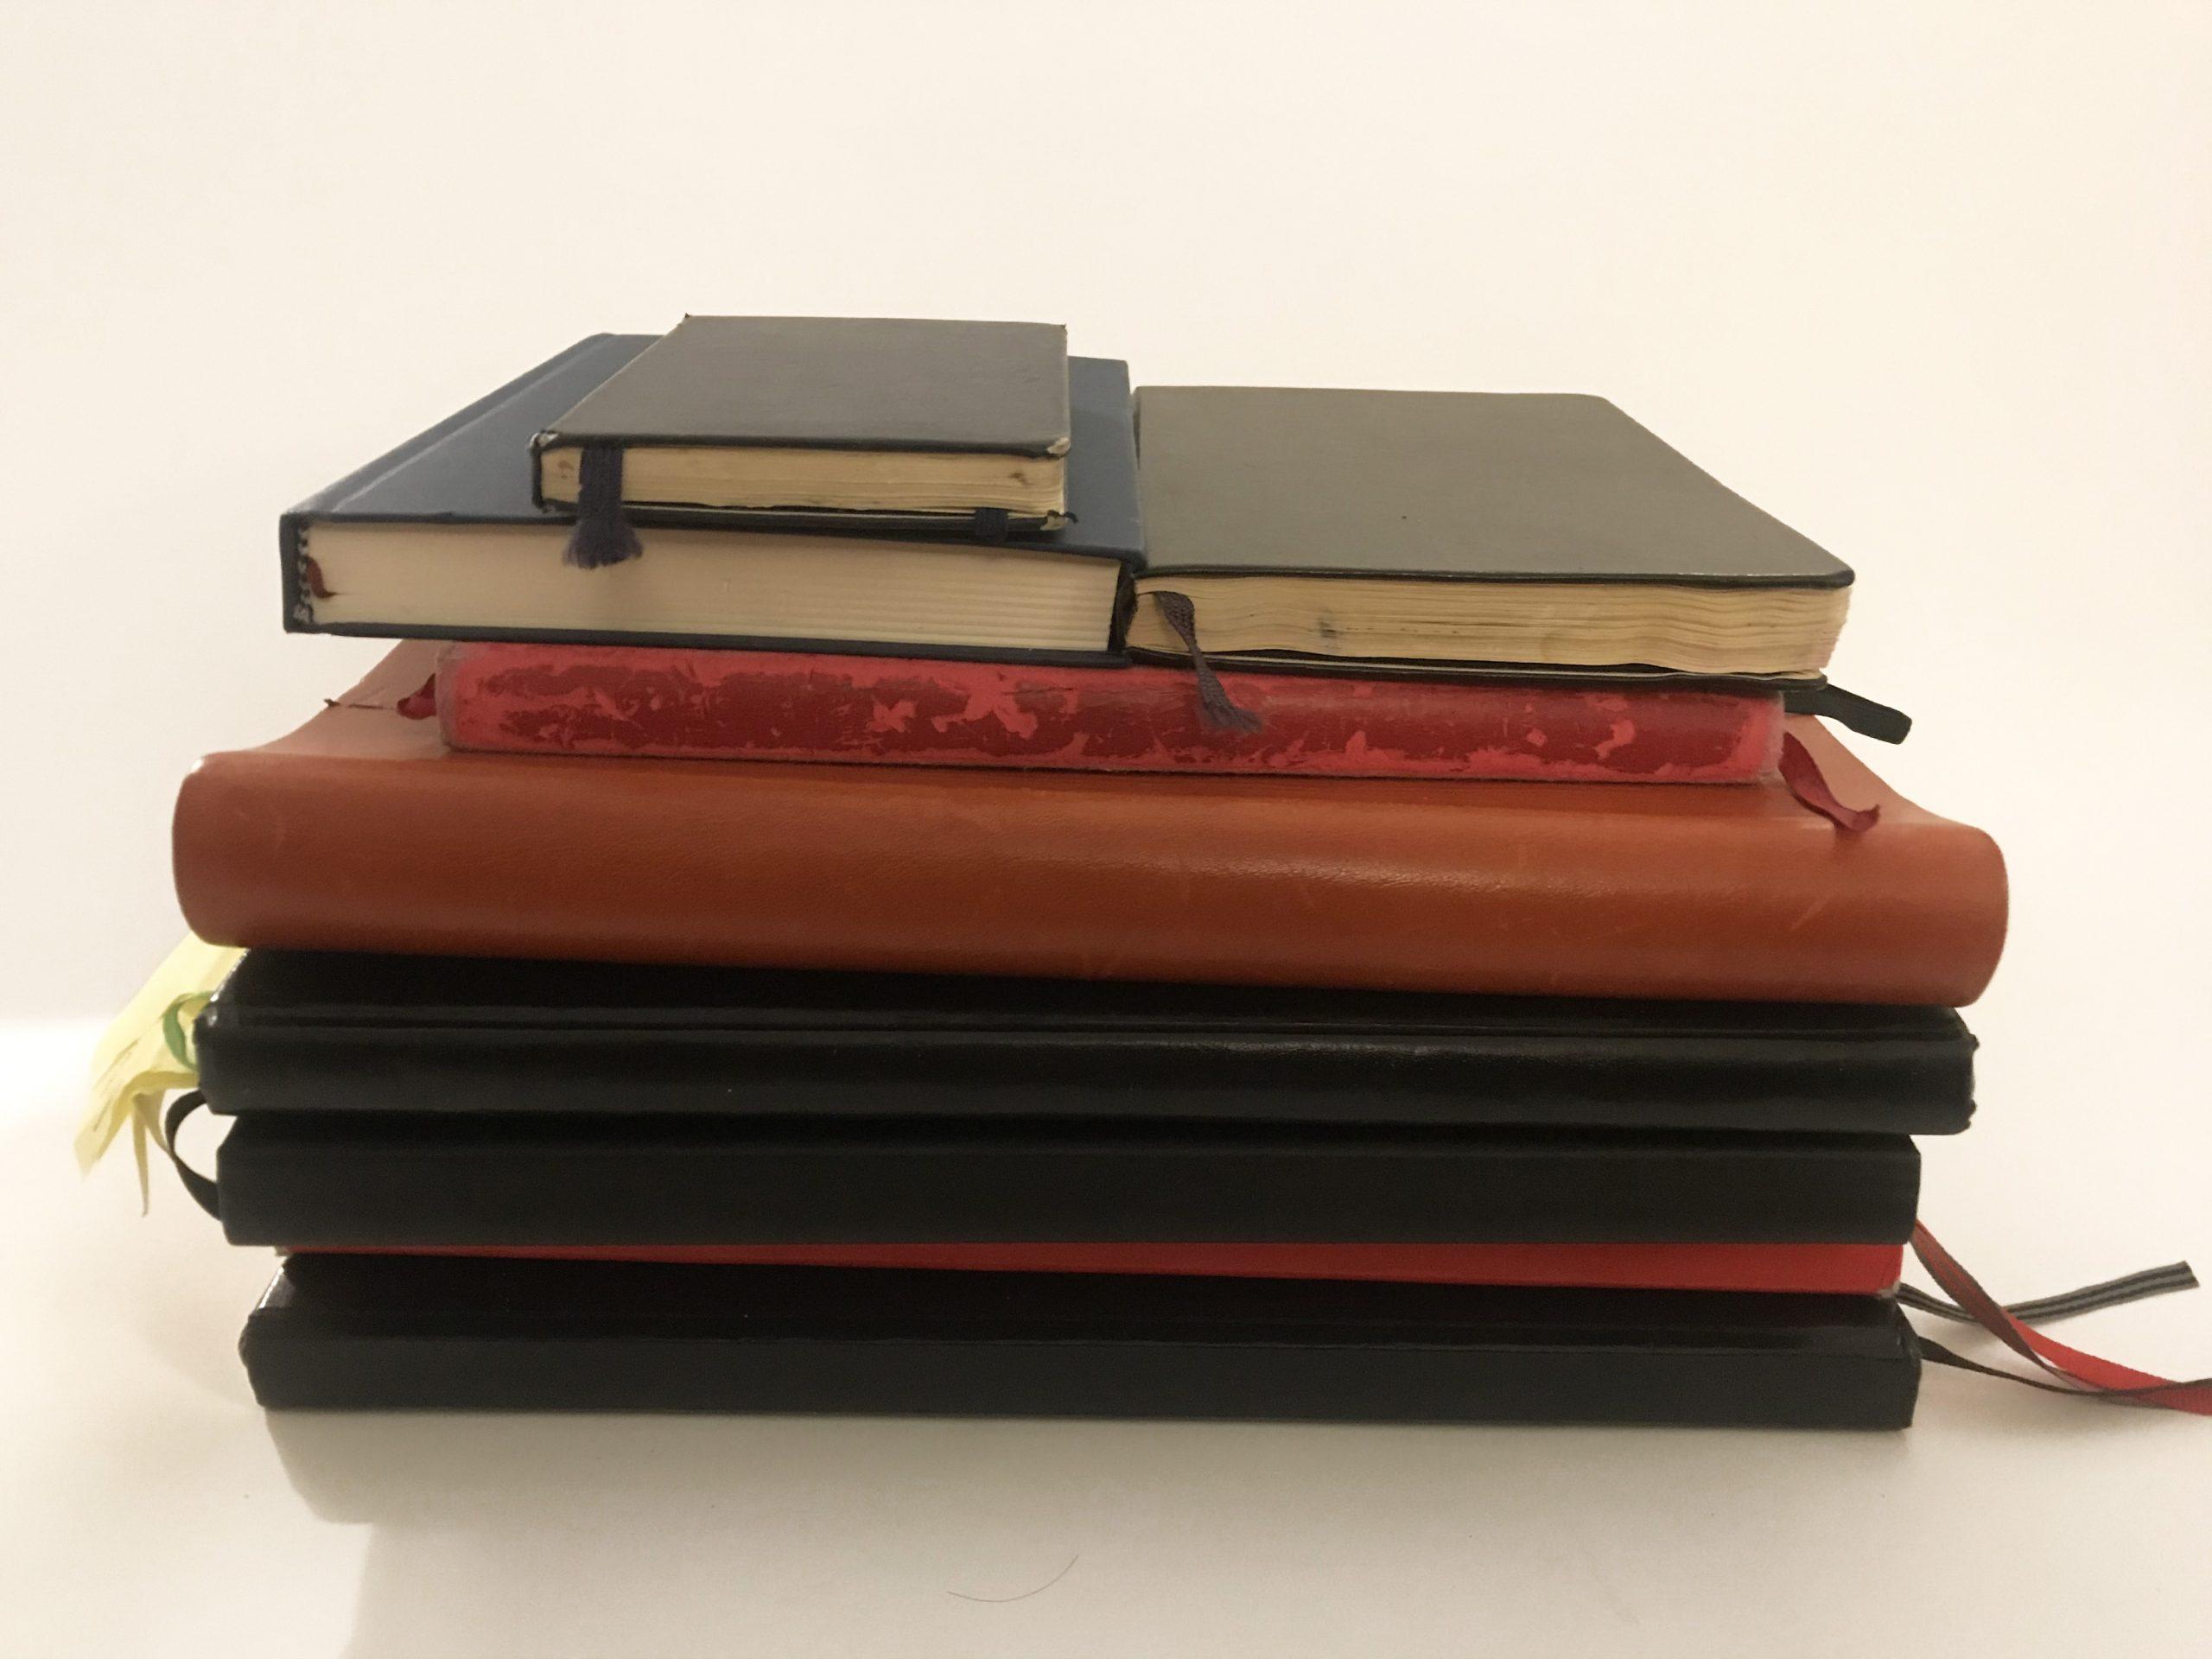 My sketchbooks